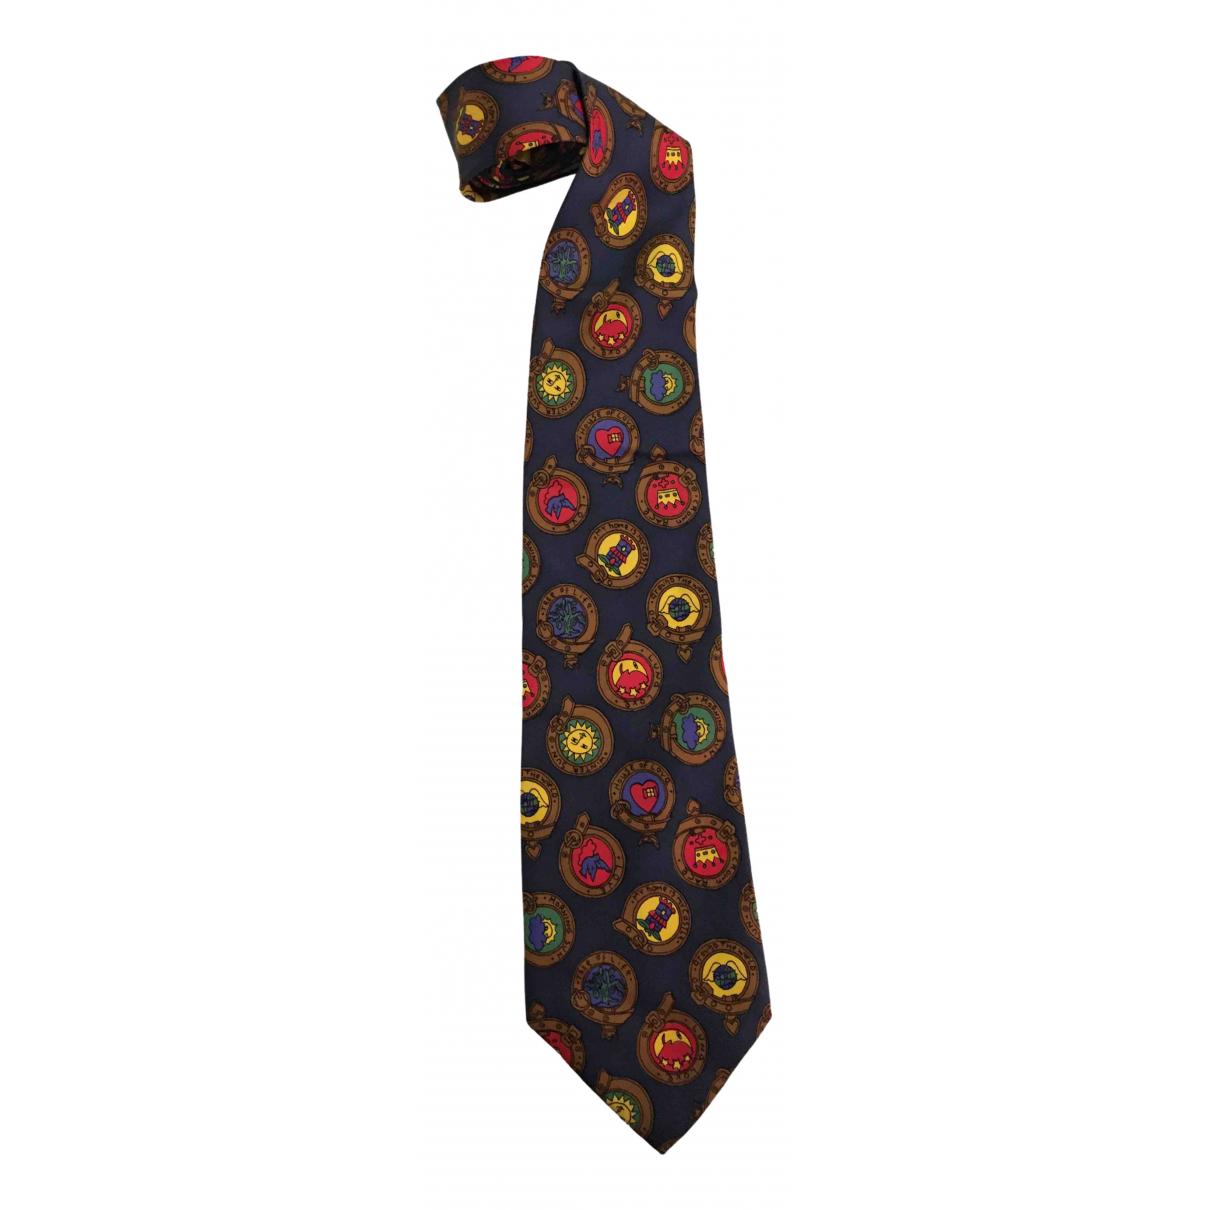 Jc De Castelbajac - Cravates   pour homme en soie - bleu